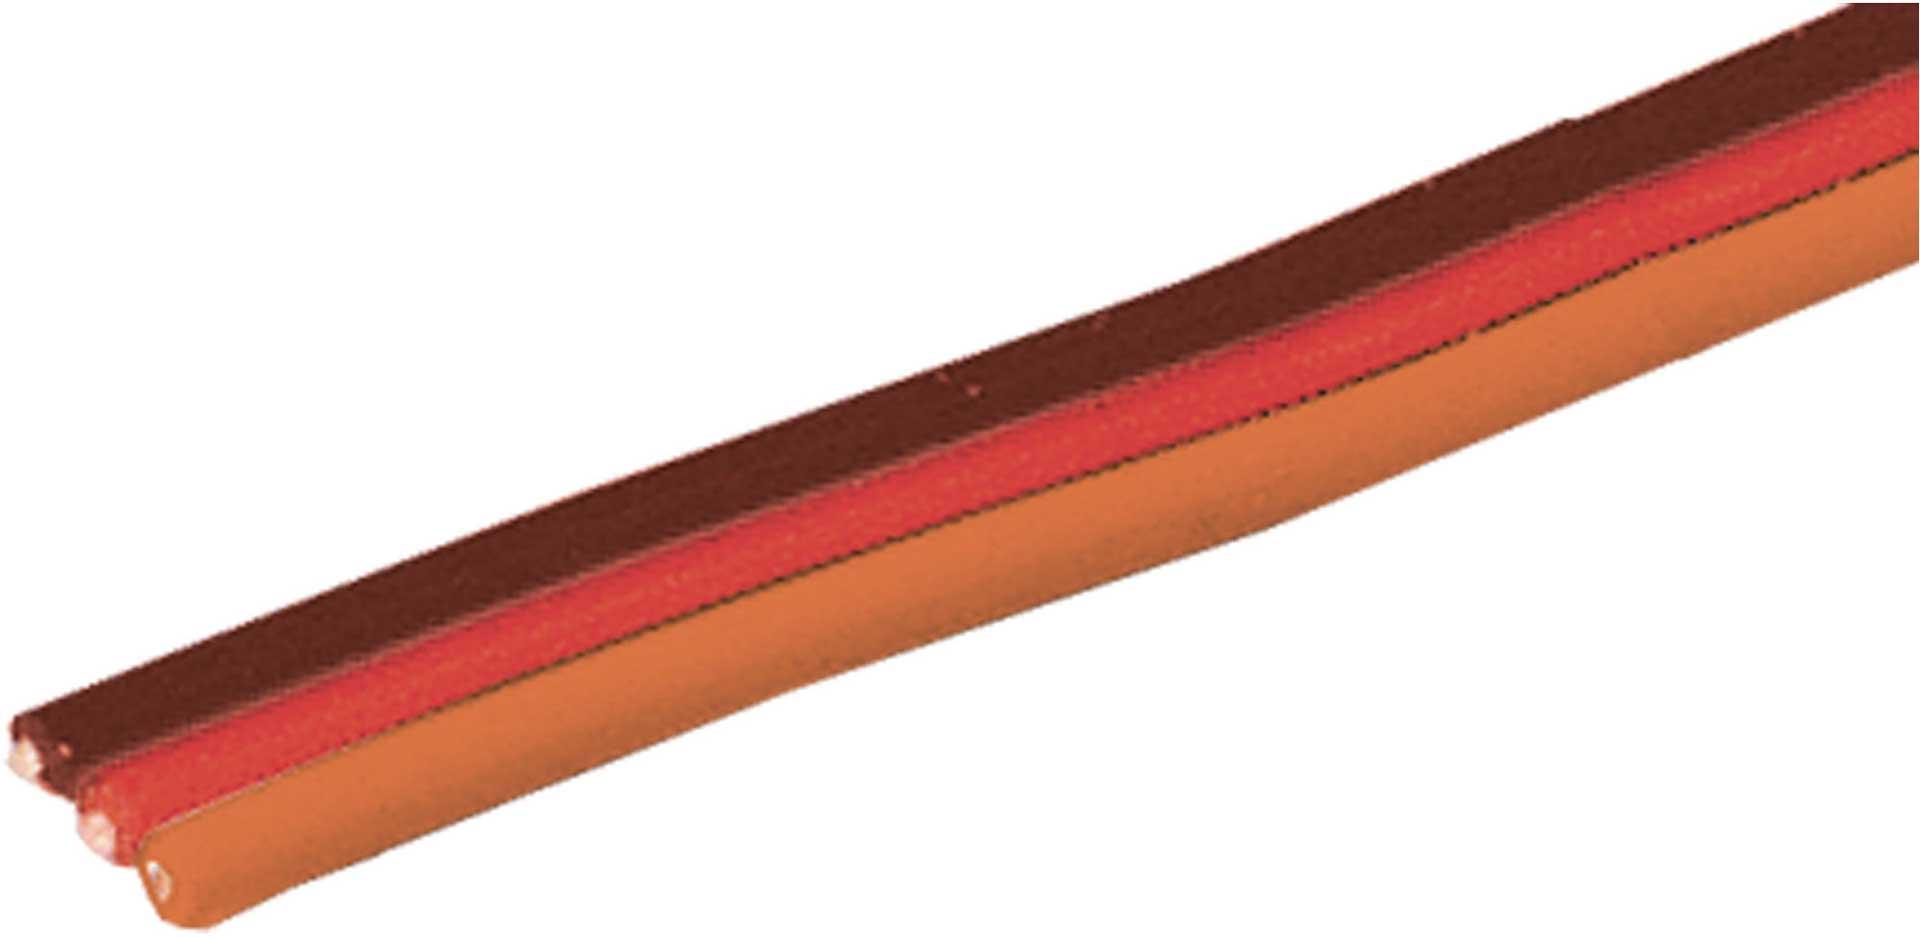 ROBBE Servokabel Graupner/JR/Uni 5 Meter flach 0,13mm² (26AWG) PVC Meterware